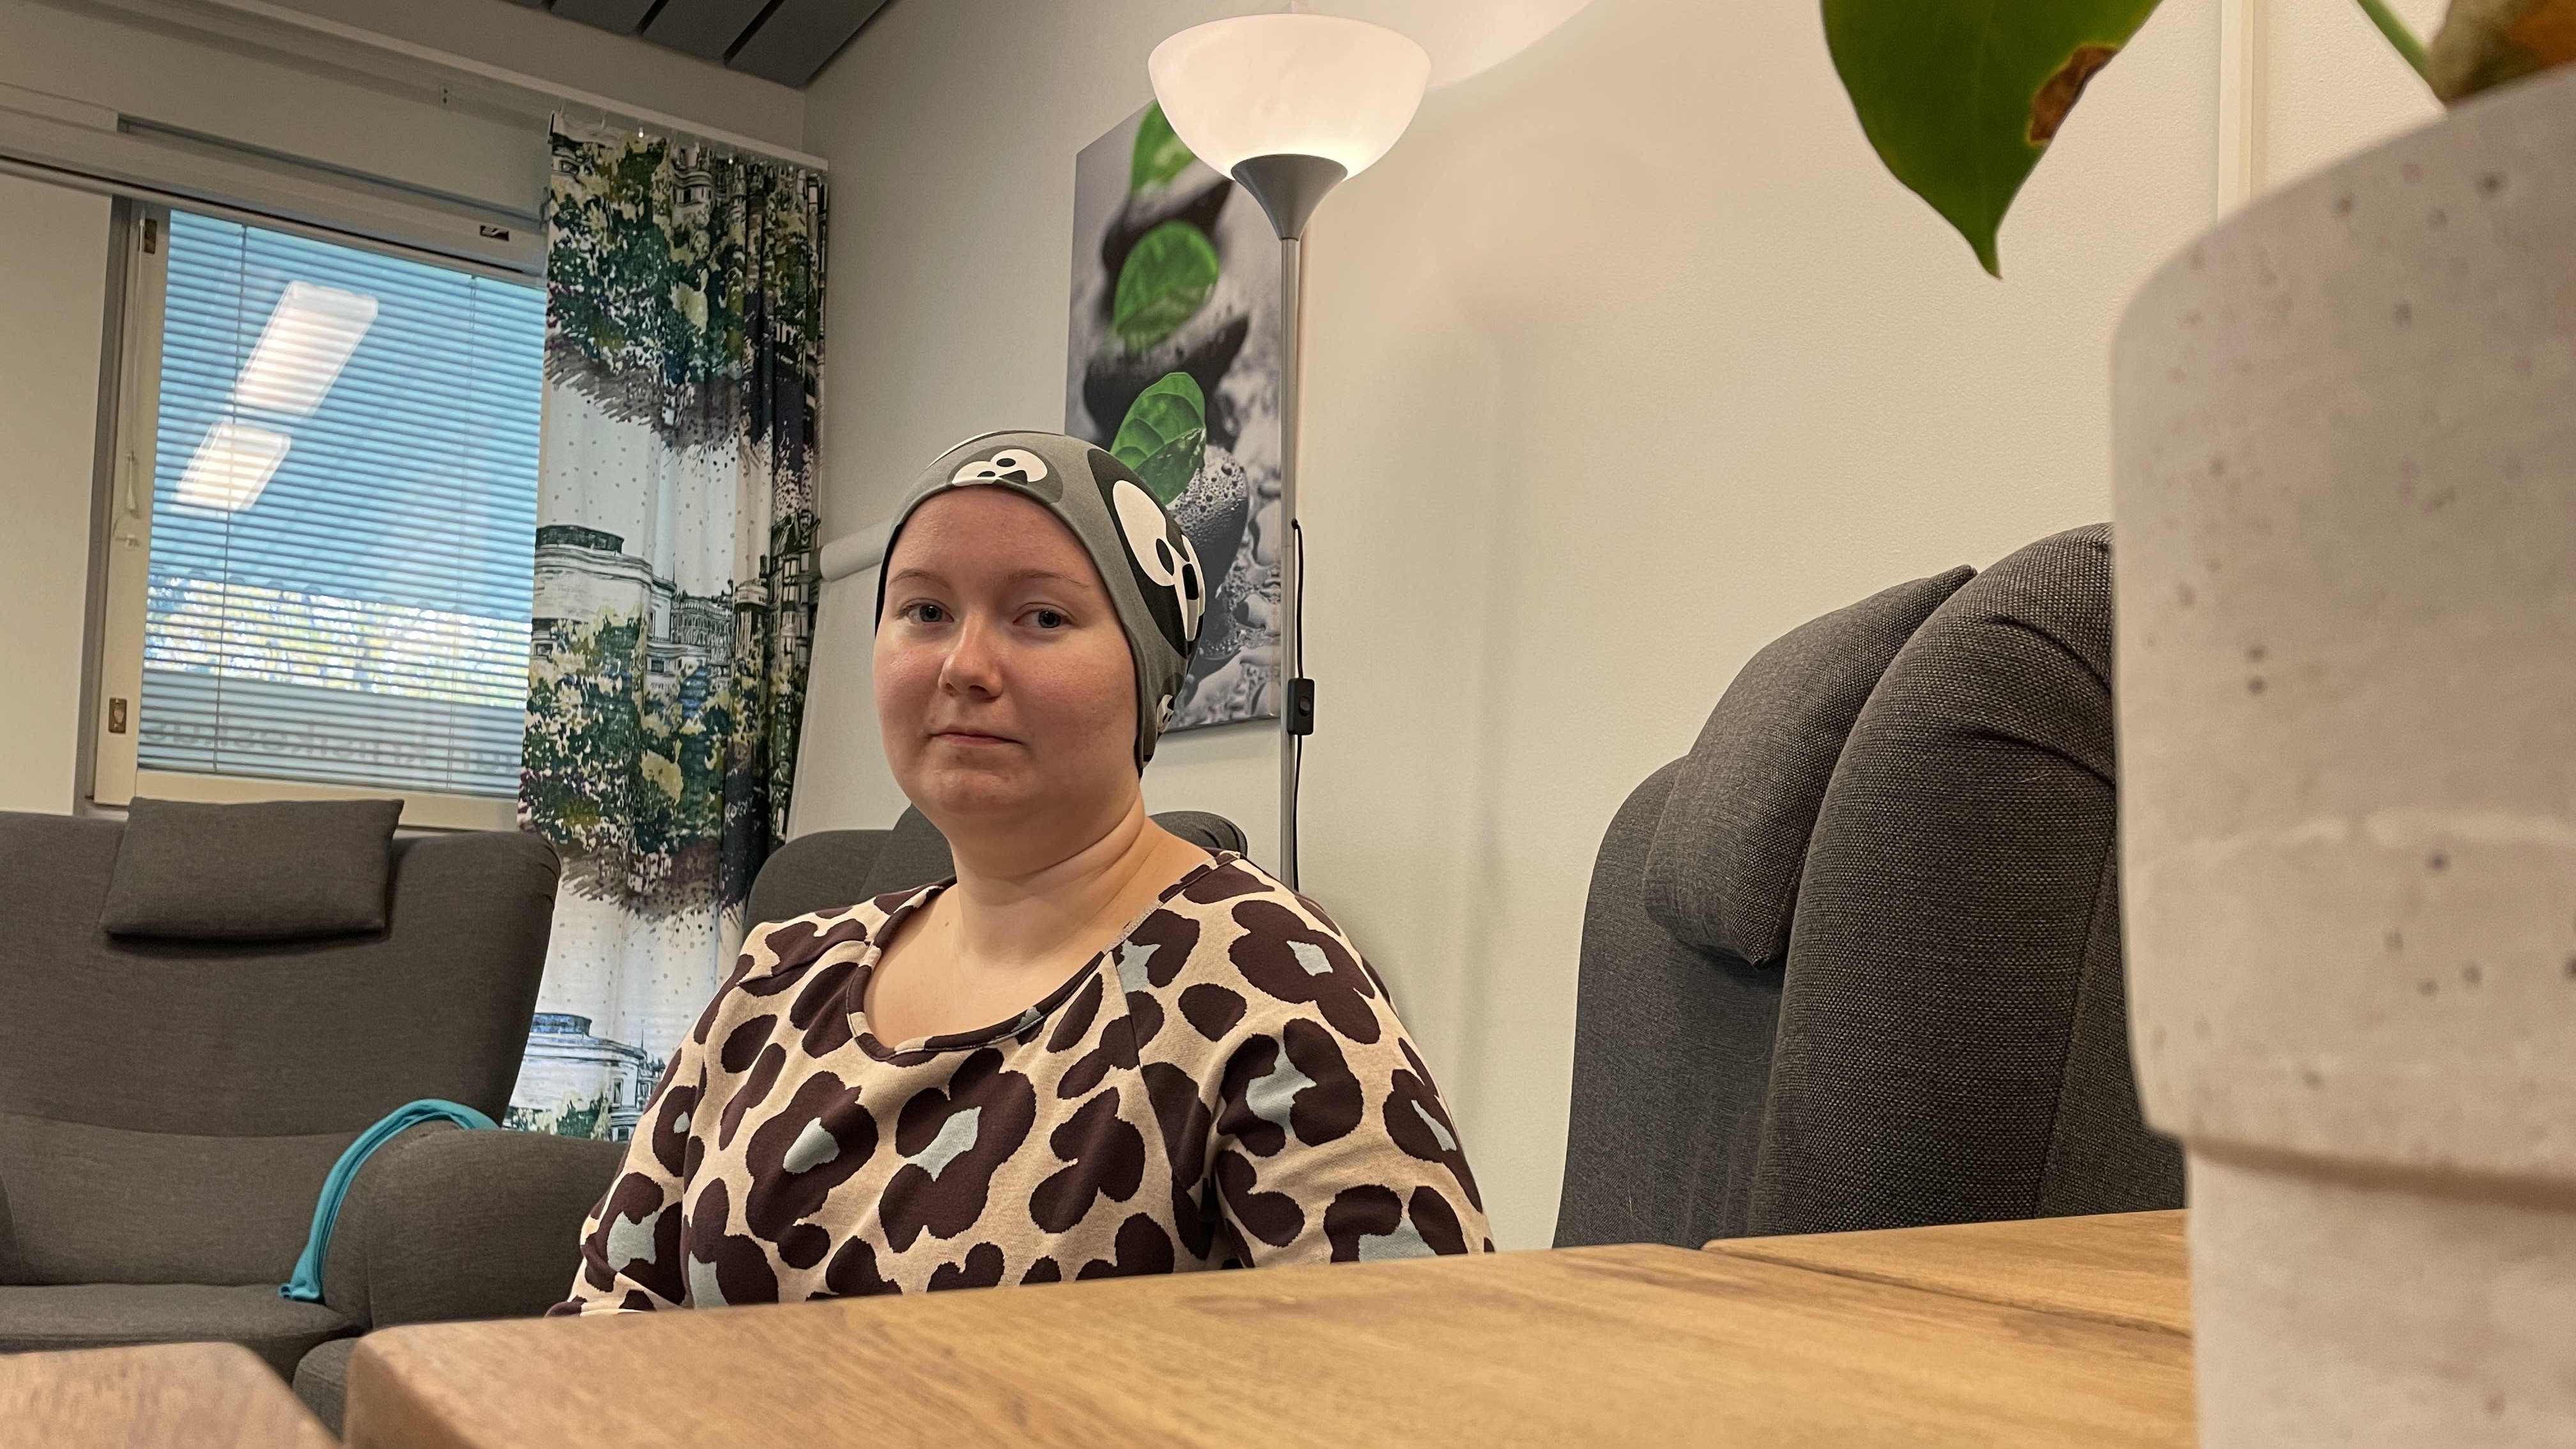 Roosa Huuskolla kesti viisi vuotta hakea apua kriisikeskuksesta, ja senkin jälkeen kynnys oli korkea